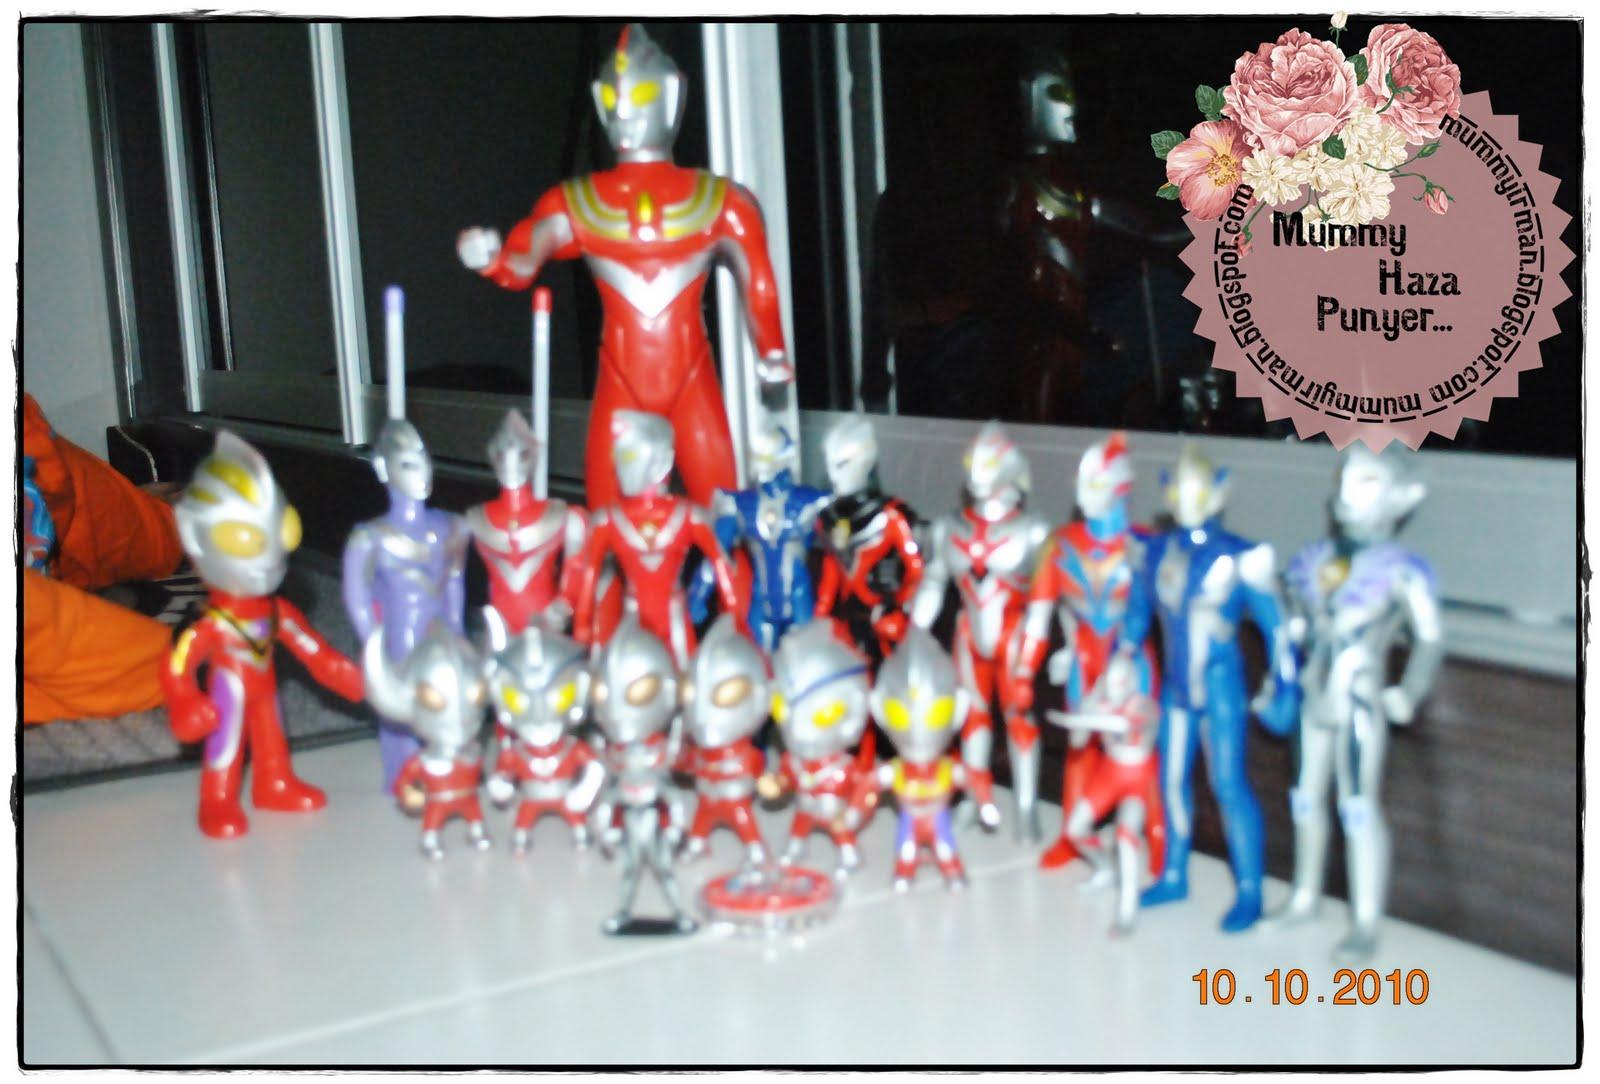 Nak Banyak Lagi Gambar Ultraman Sila Click Sini